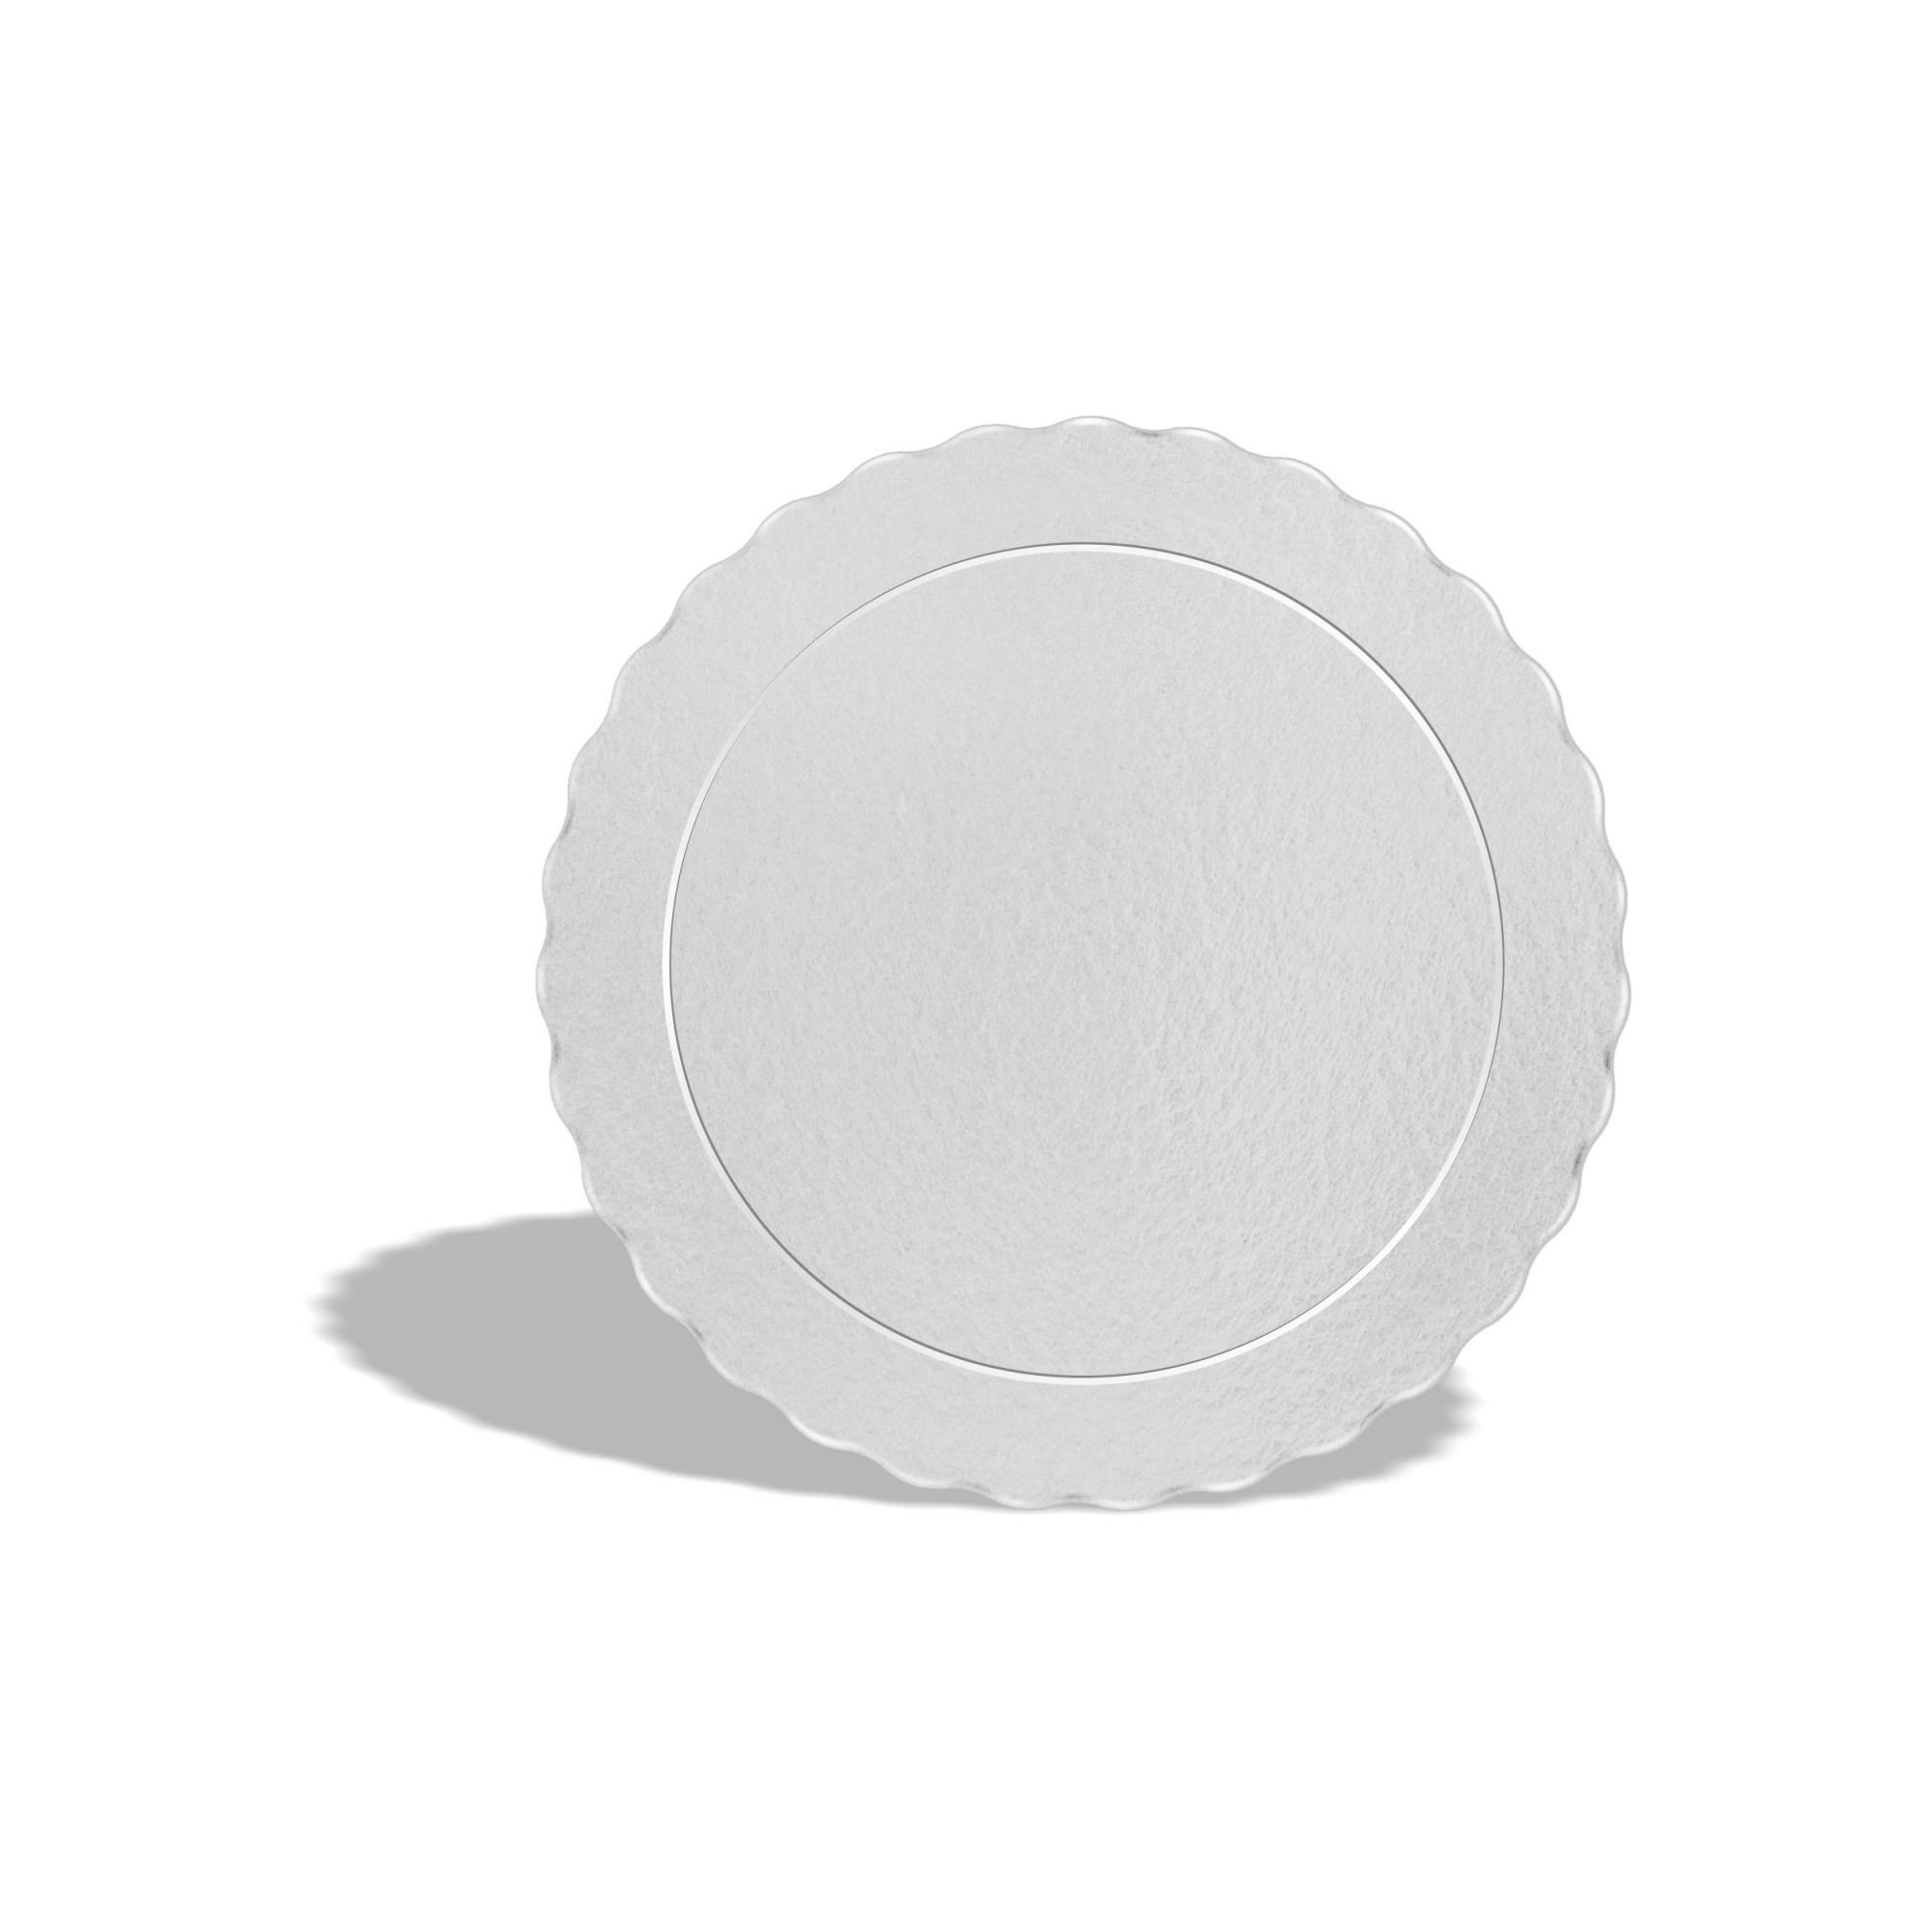 100 Bases Laminadas Para Bolo Redondo, Cake Board 20cm - Branco